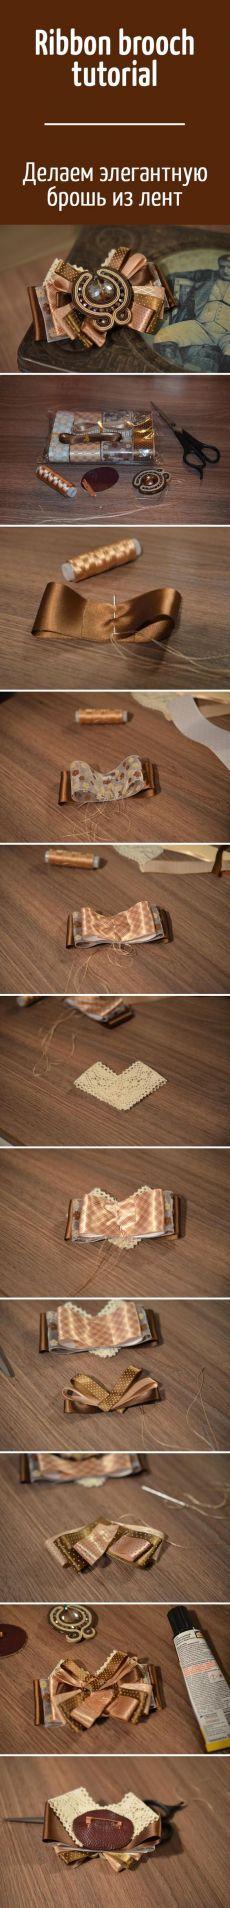 Ribbon brooch tutorial / Делаем элегантную брошь из лент | Kanzashi Photo Tutorials